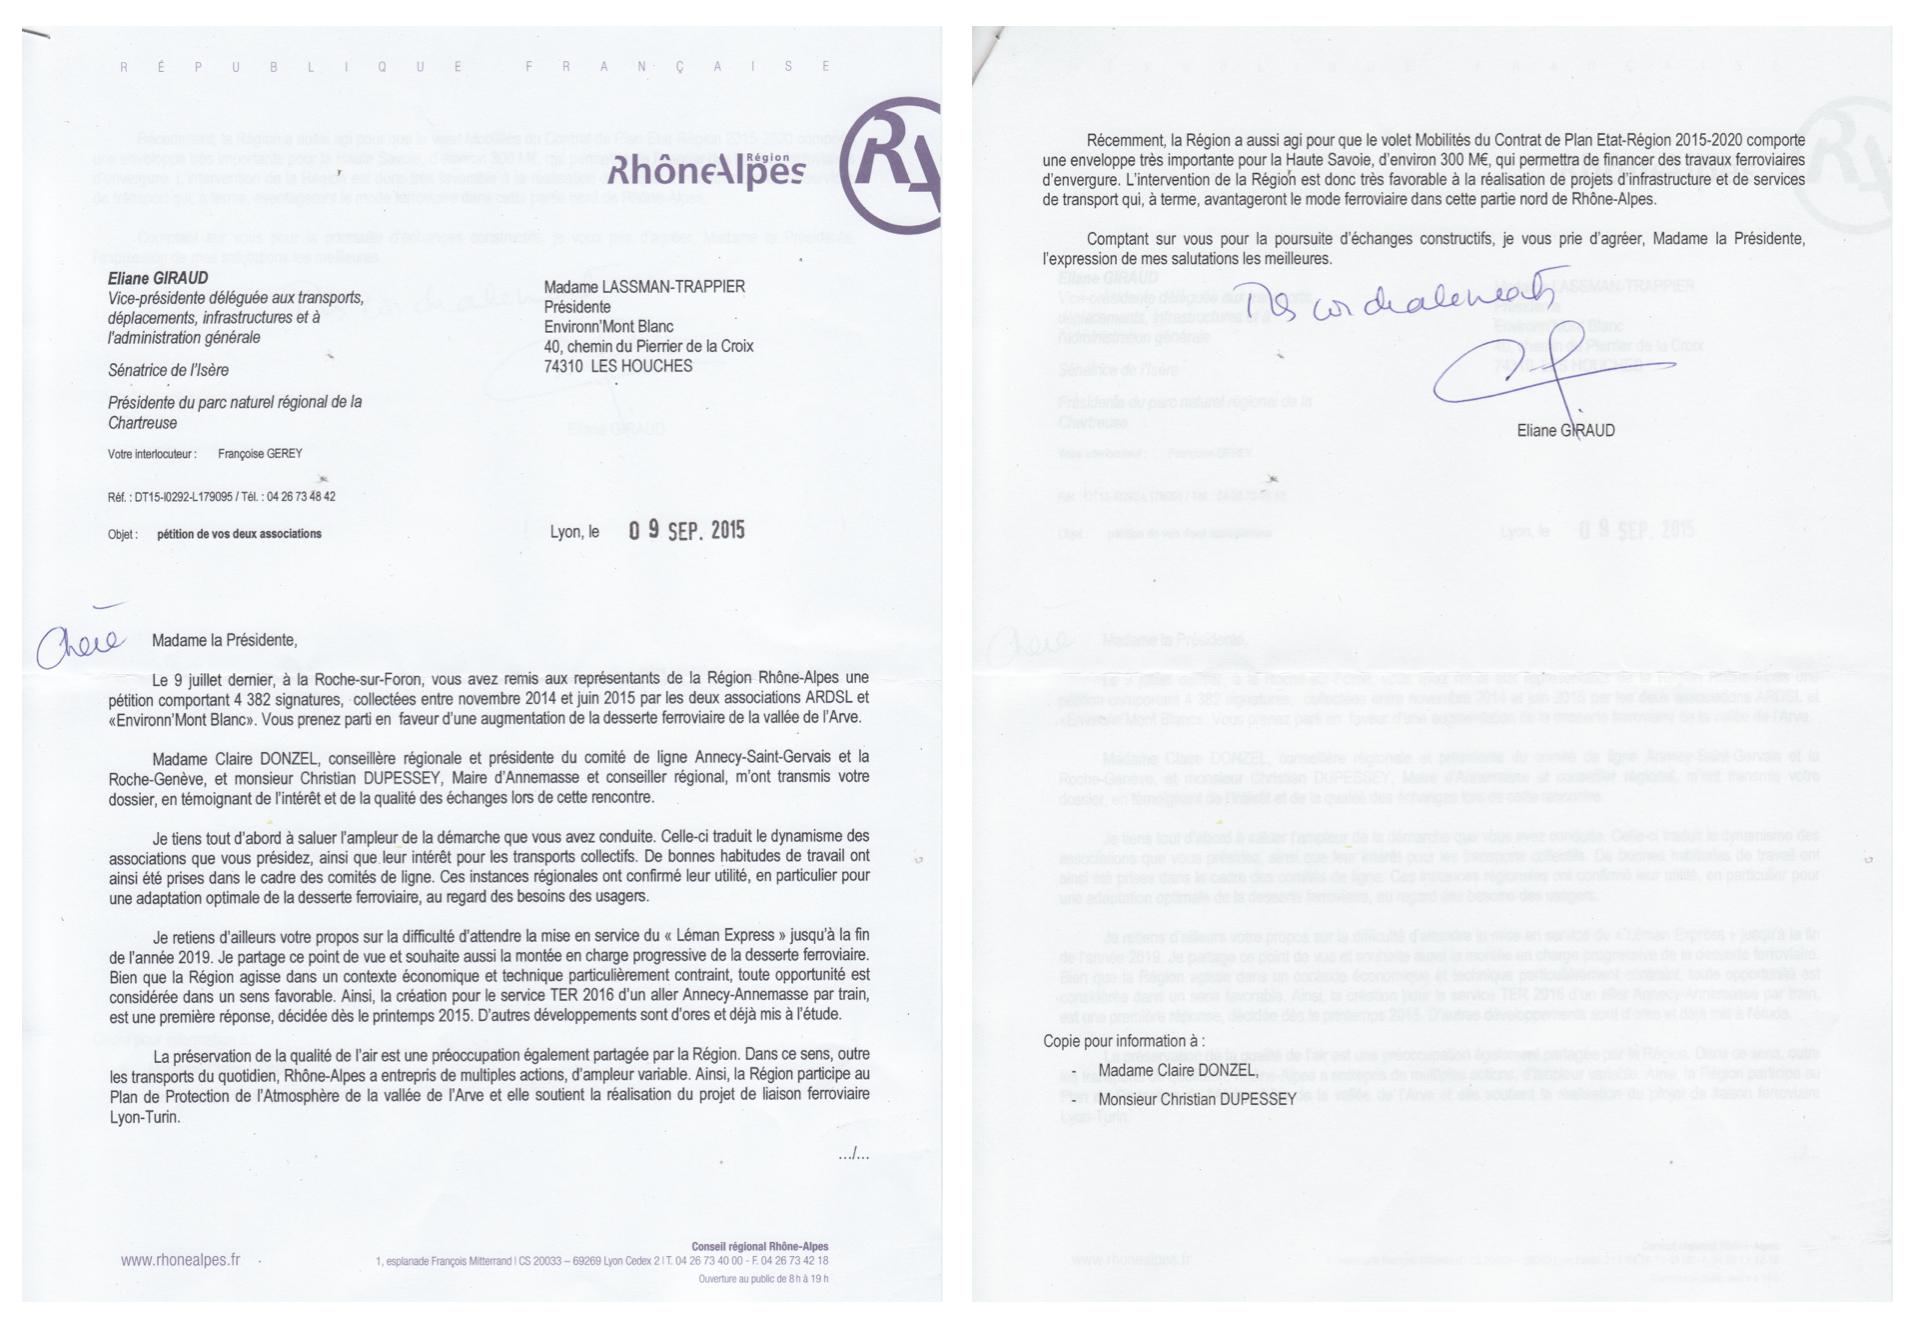 La réponse de la Vice-Présidente Transports de la Région Rhône-Alpes